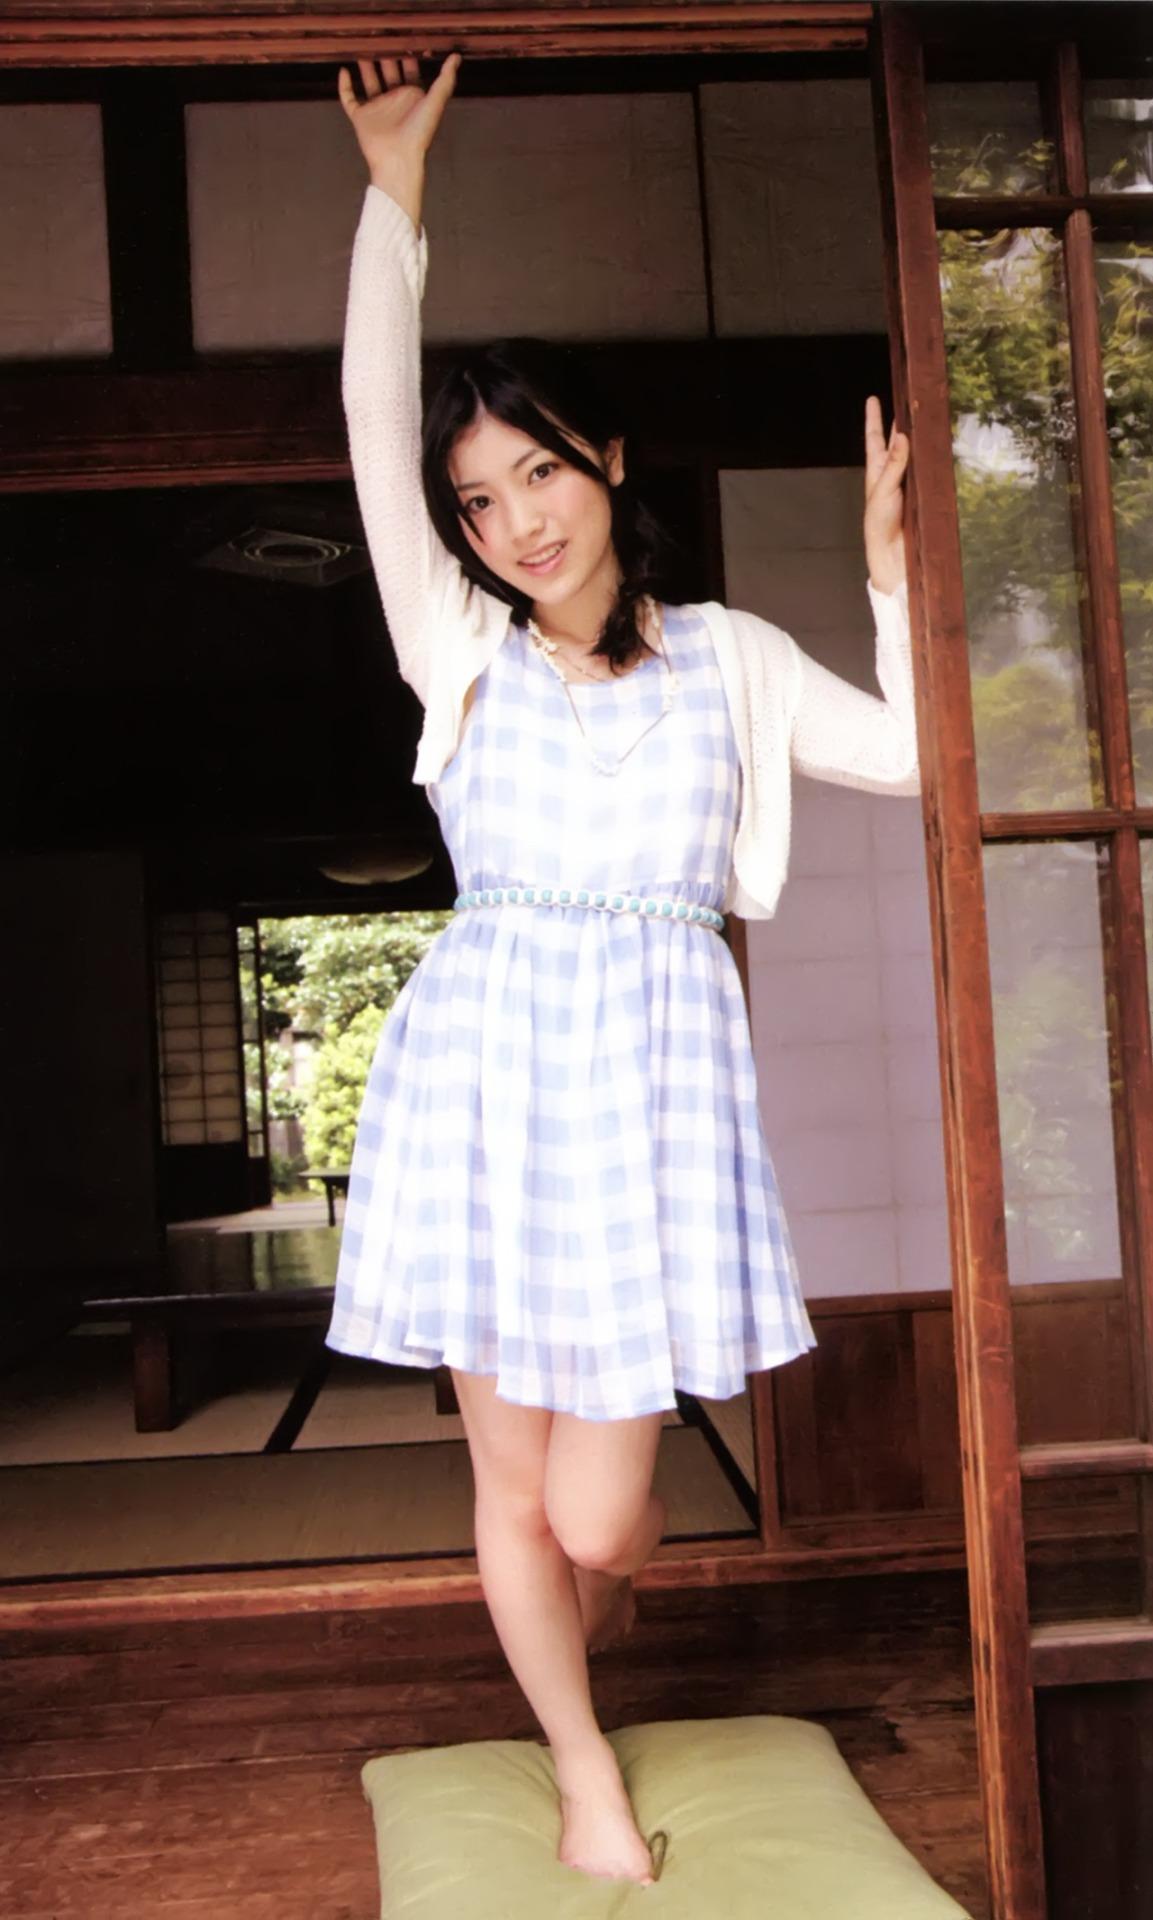 ishihara_kaori072.jpg